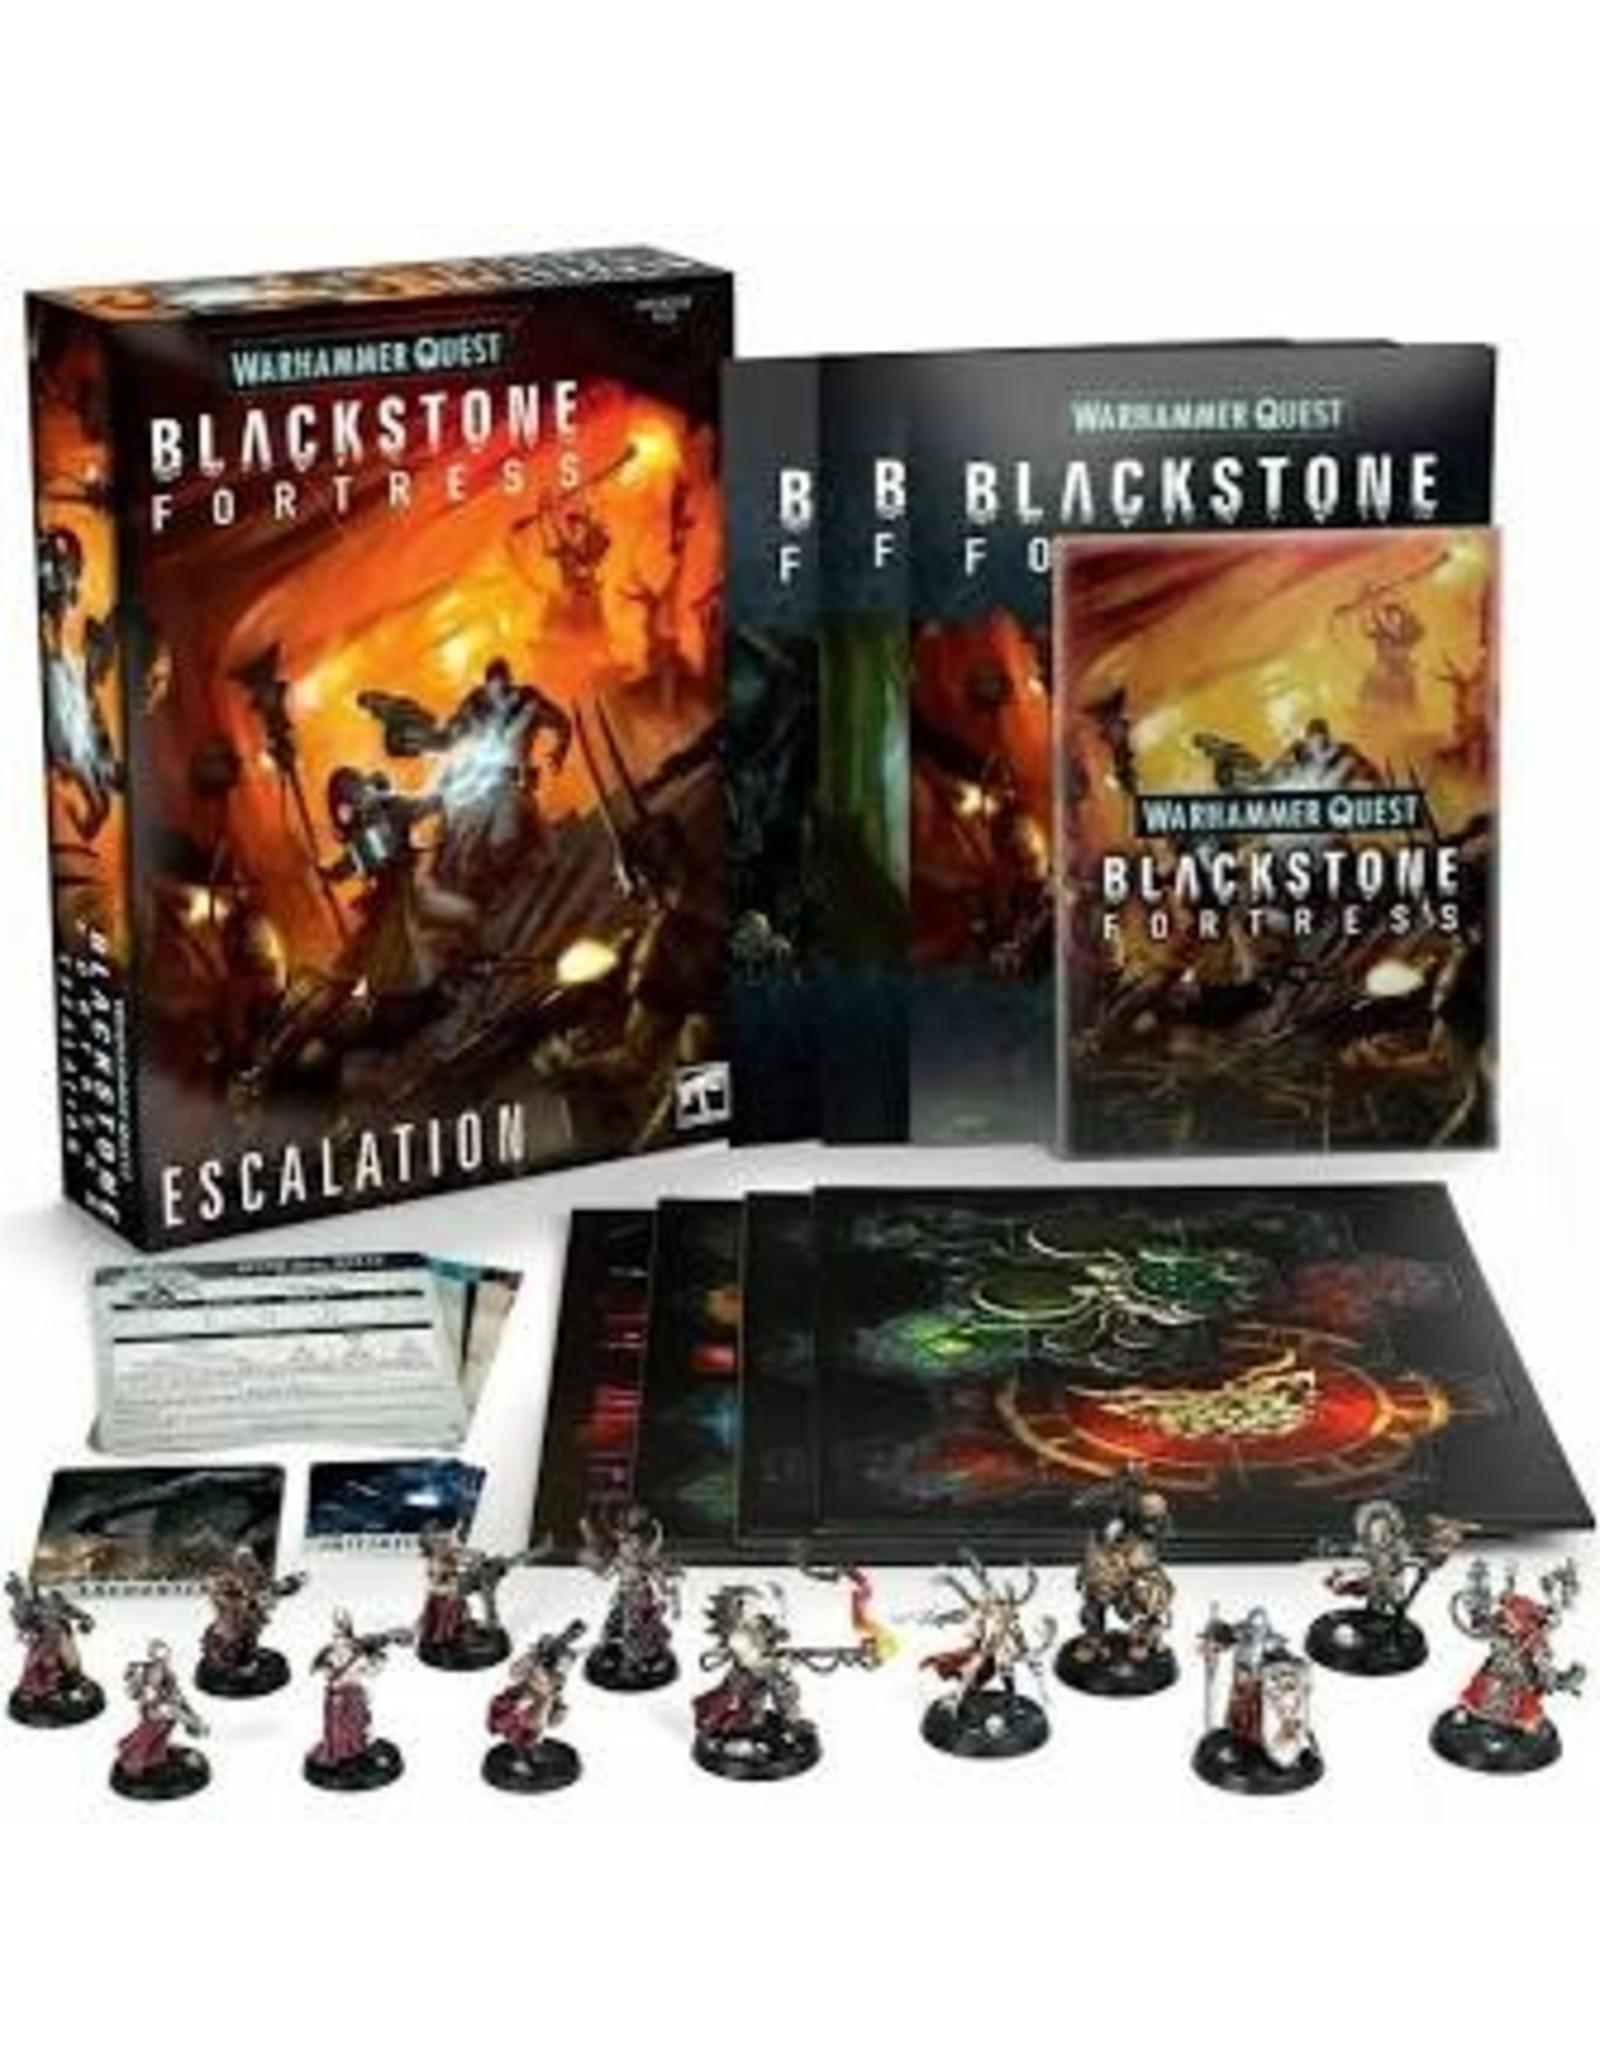 Blackstone Fortress Blackstone Fortress: Escalation